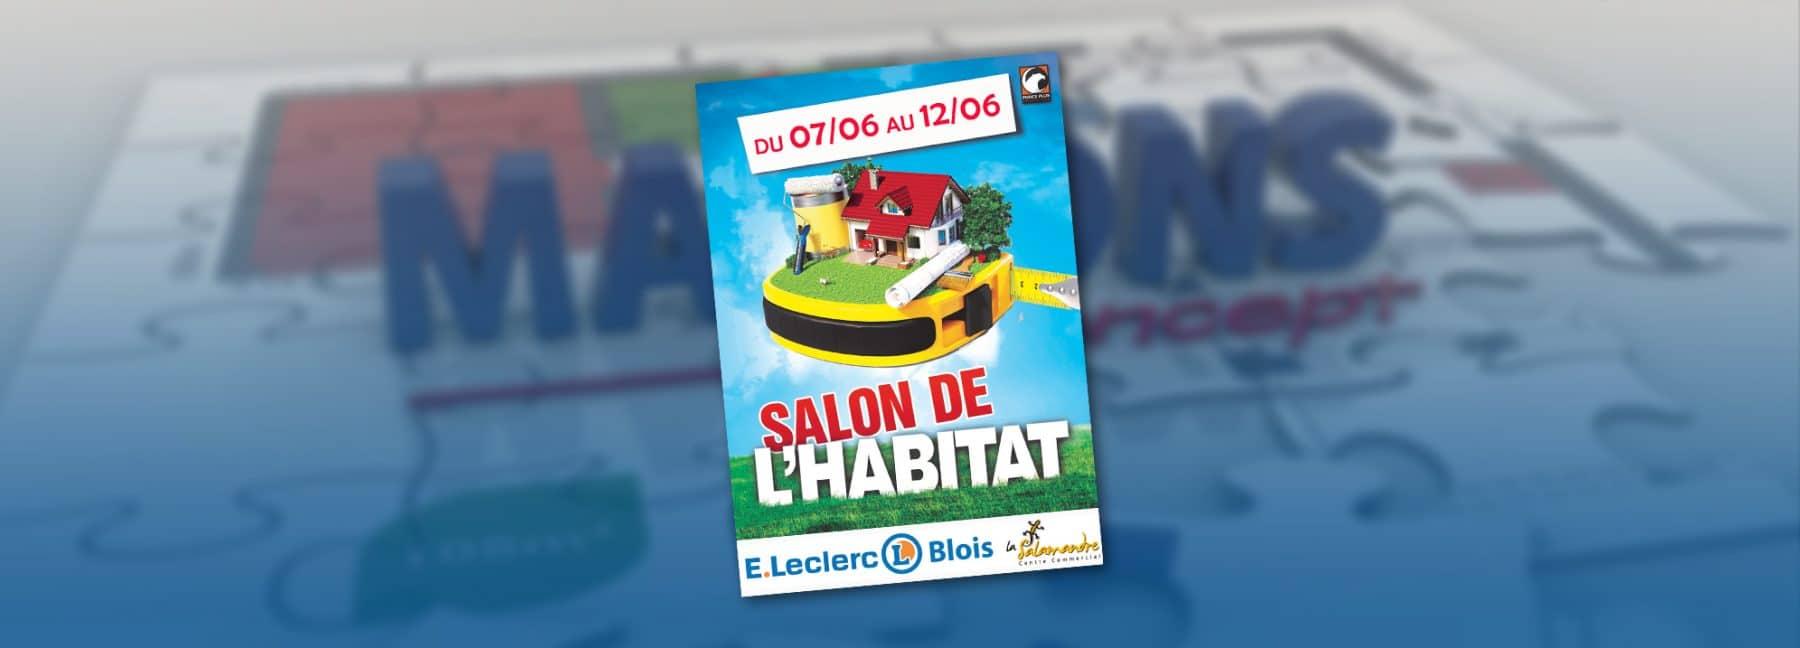 maisons-concept-au-salon-de-l'habitat-du-leclerc-de-blois-(41000)